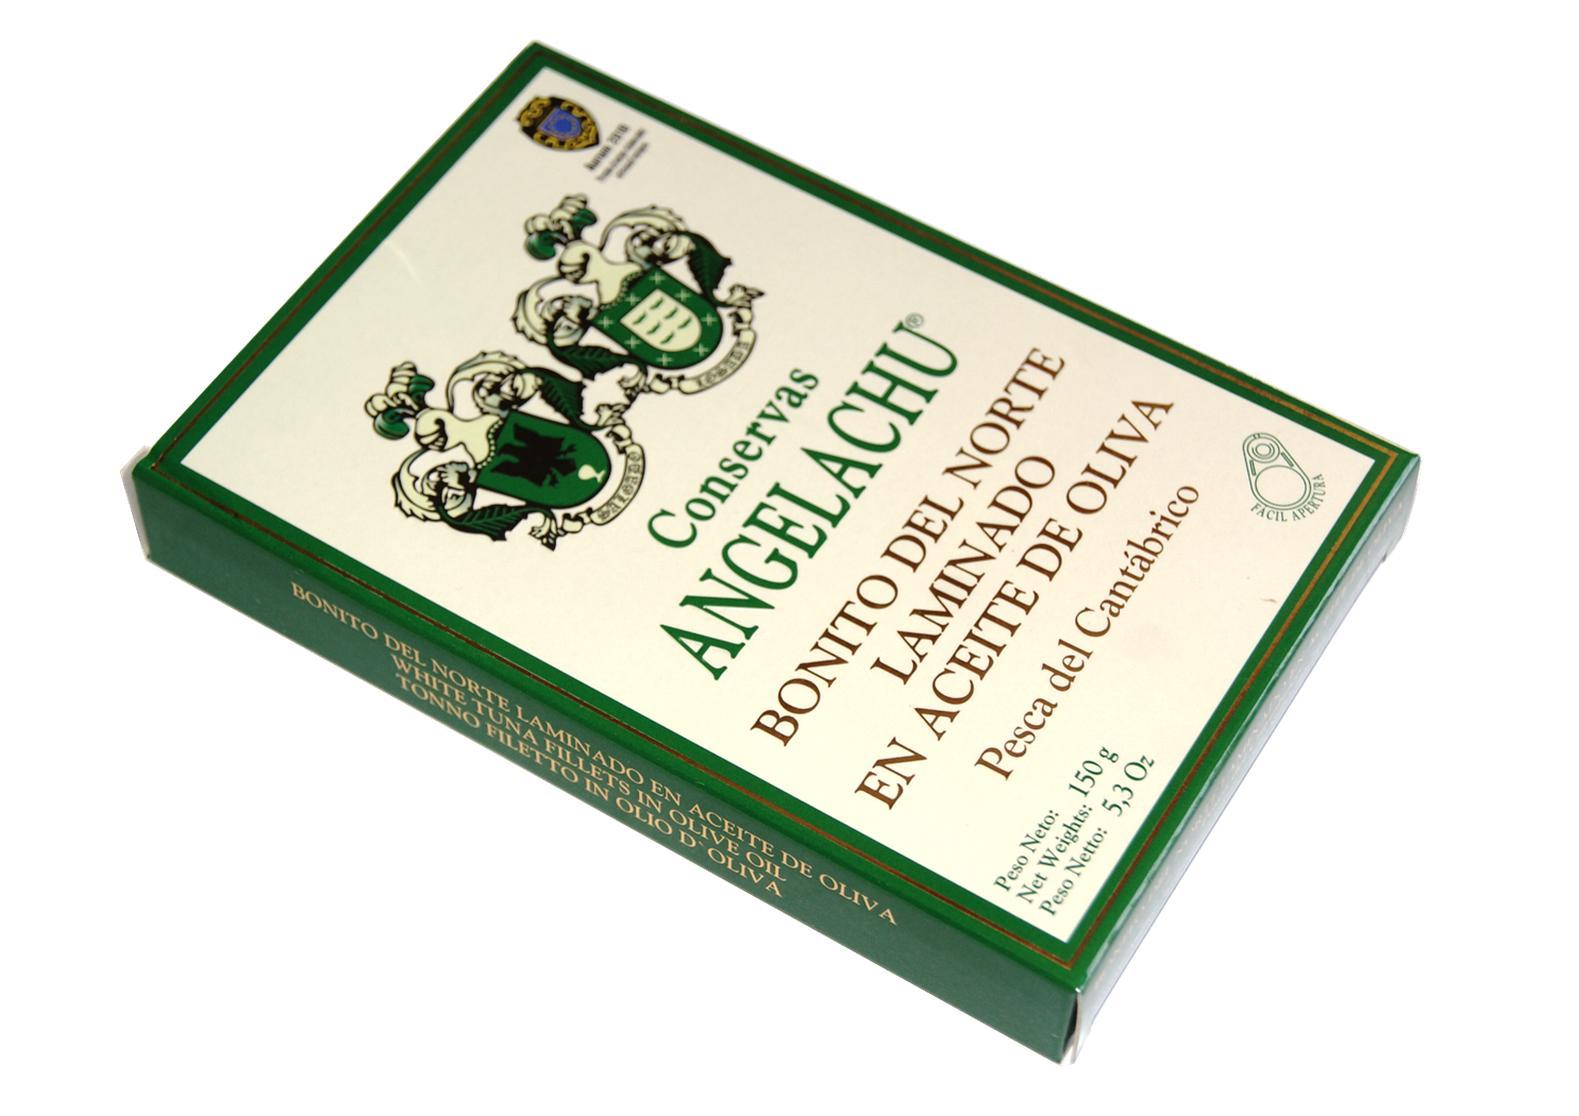 Thon bonito del norte en lamelles - Angelachu - Conserves d'anchois de Santoña - Cantabrie